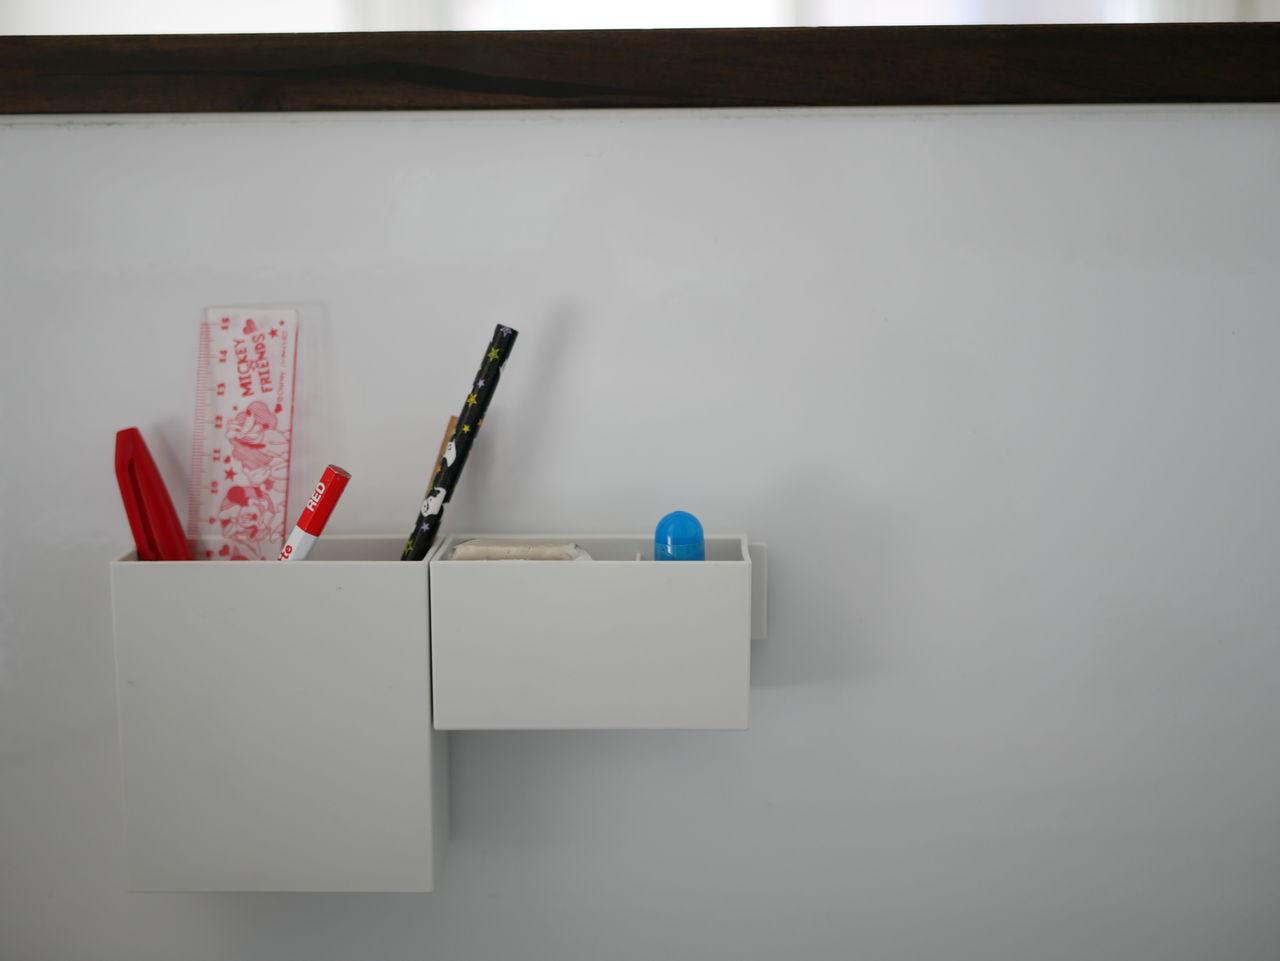 3.18 やっと買えたーマグネットフックはお風呂場で使うので、ビニルテープ貼りました。 #無印 #無印良品 #無印良品週間 #壁に掛けられる家具 # マグネットフック ...